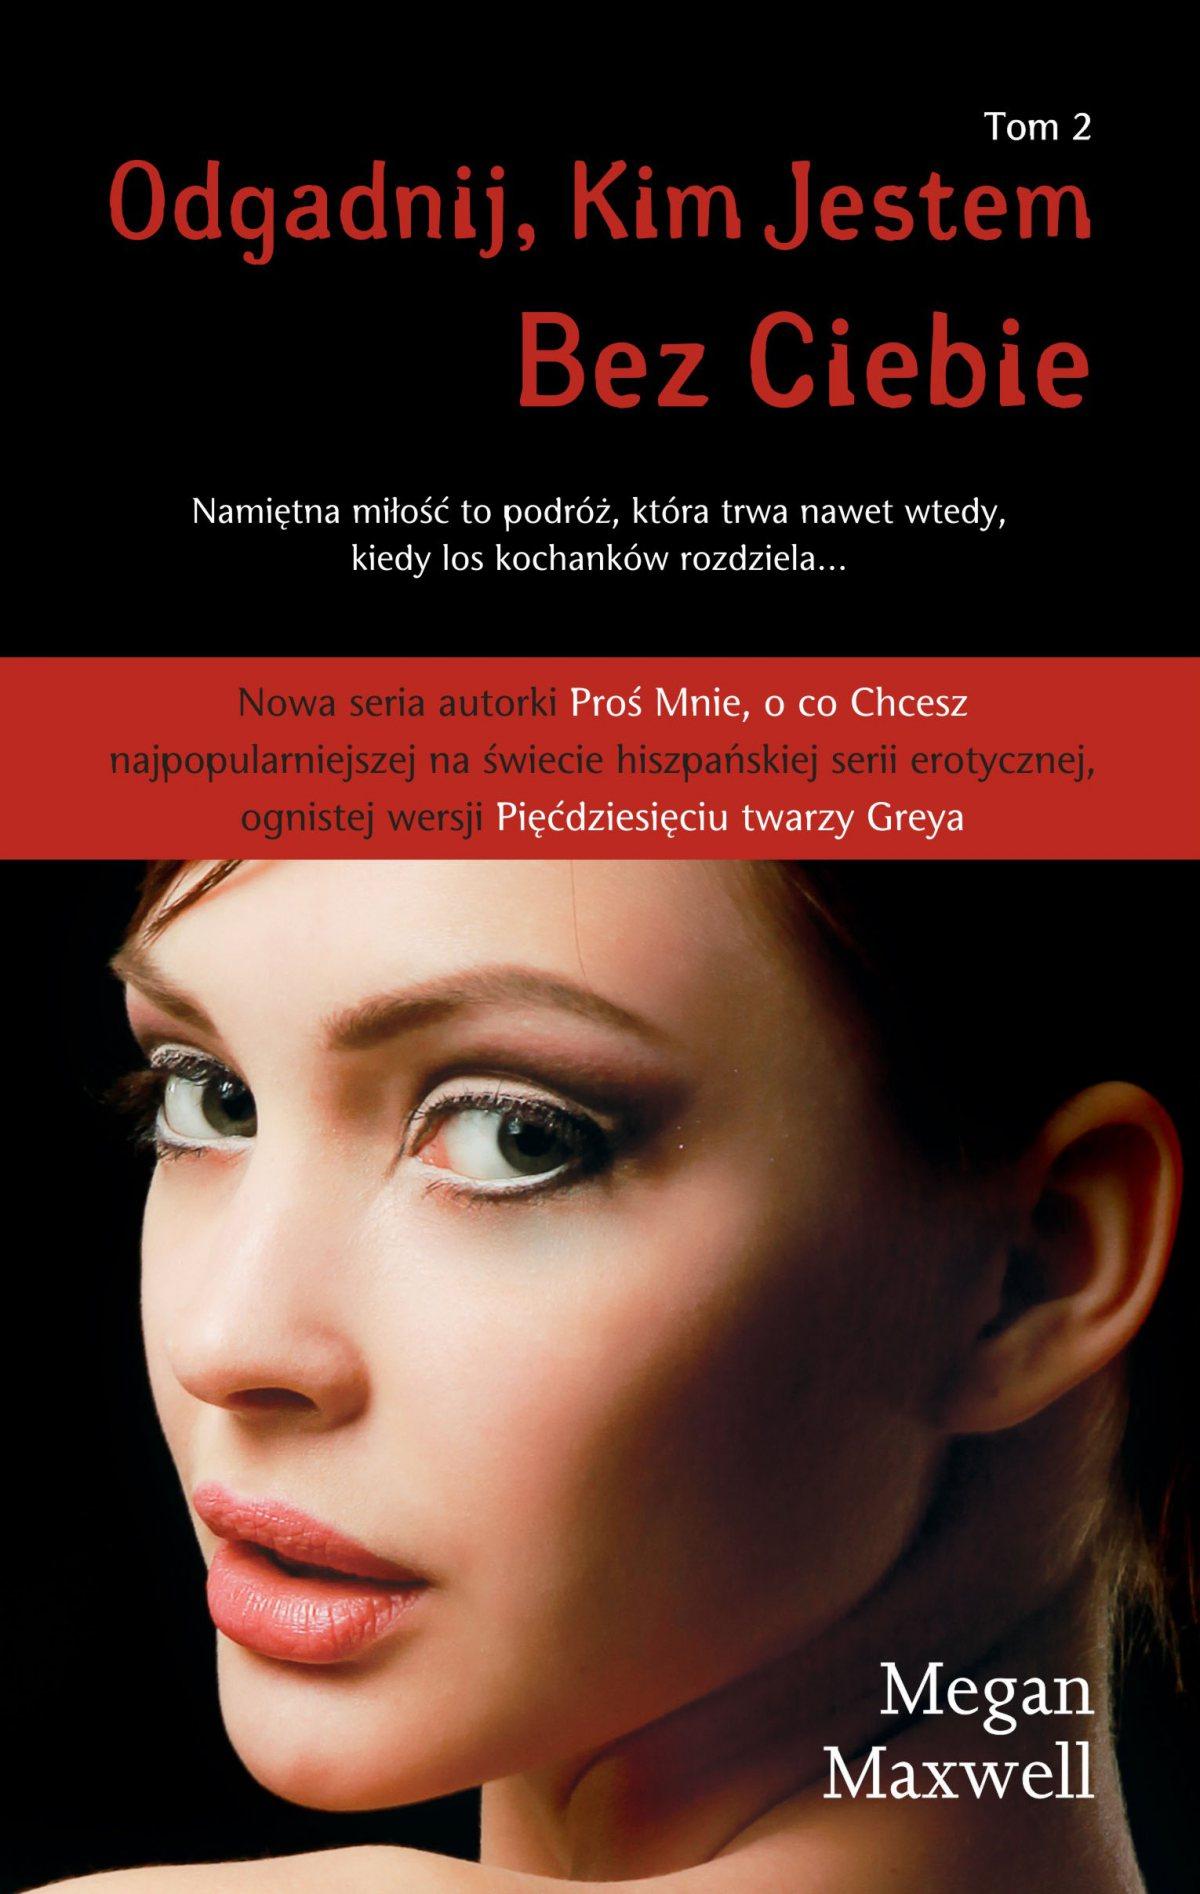 Odgadnij Kim Jestem. Tom 2 Bez Ciebie - Ebook (Książka na Kindle) do pobrania w formacie MOBI